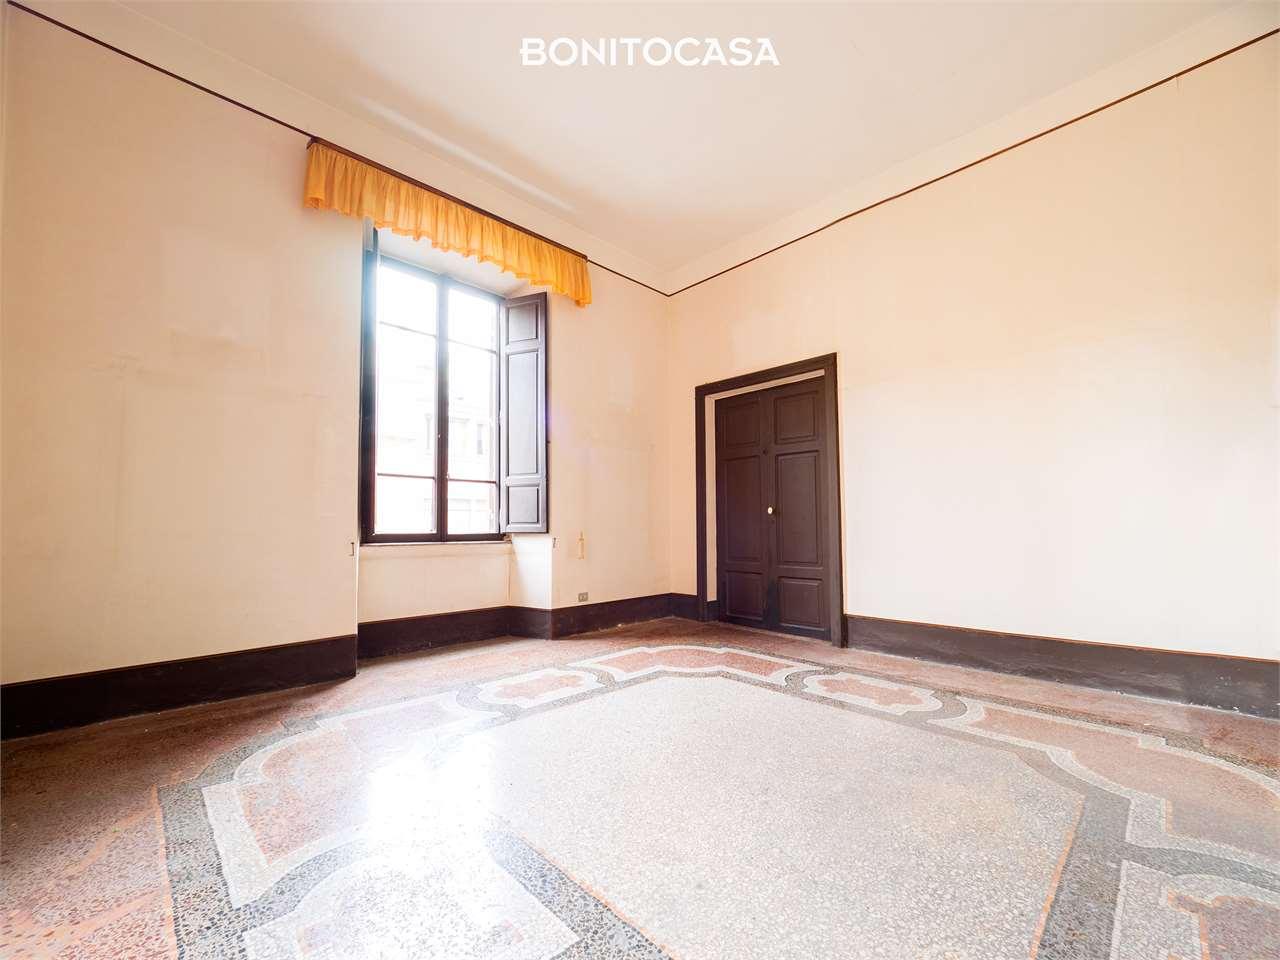 Ufficio in affitto a roma annunci ufficio roma for Affitto appartamento uso ufficio roma